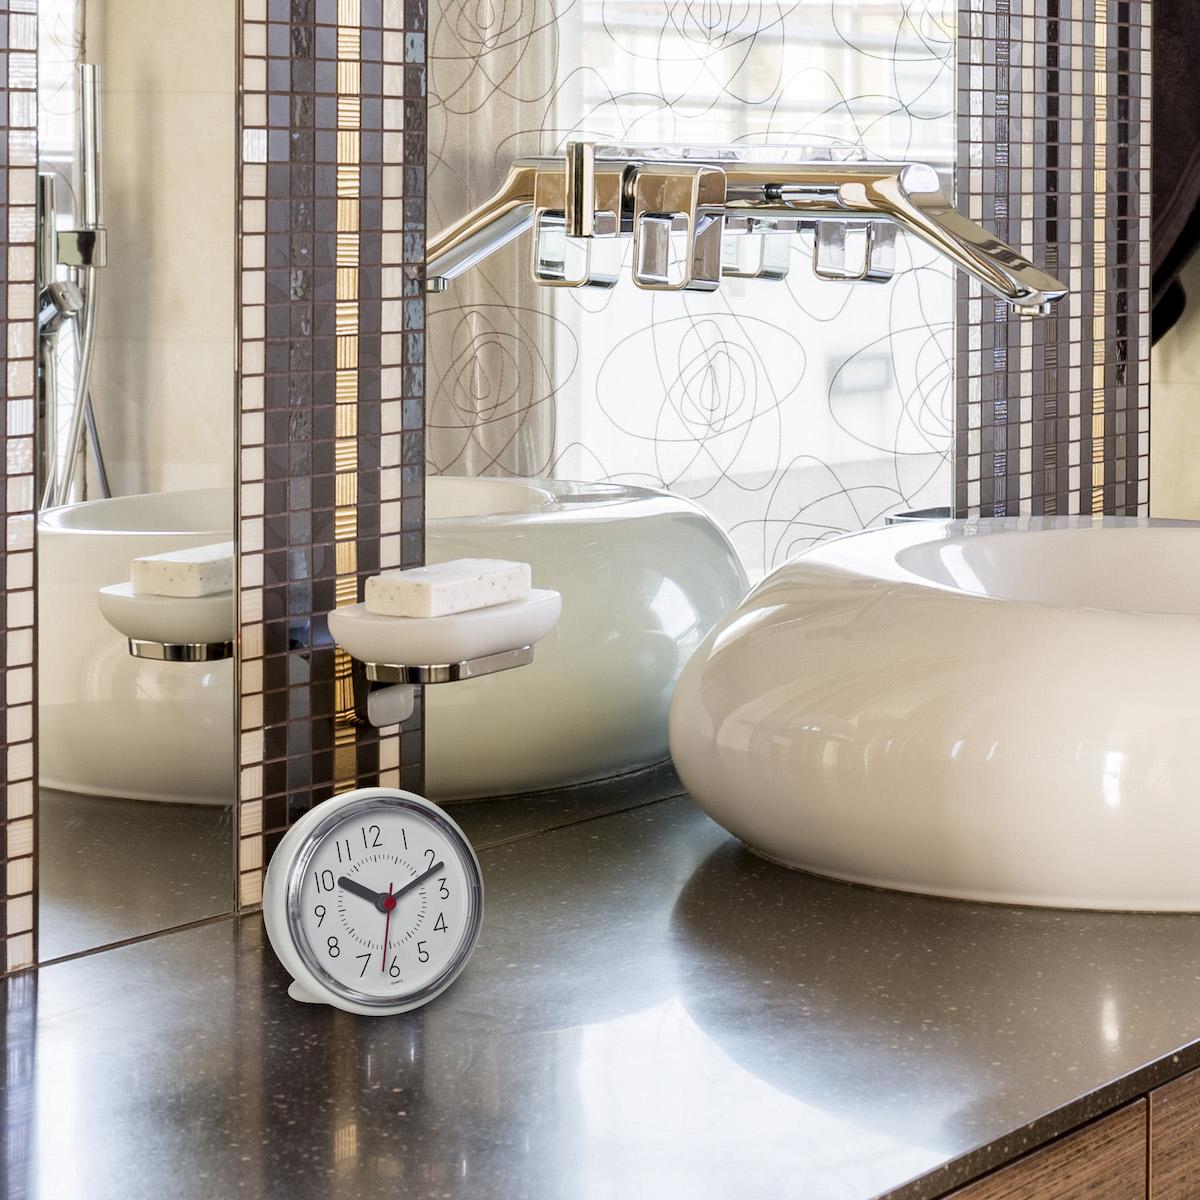 Uhren für das Badezimmer.